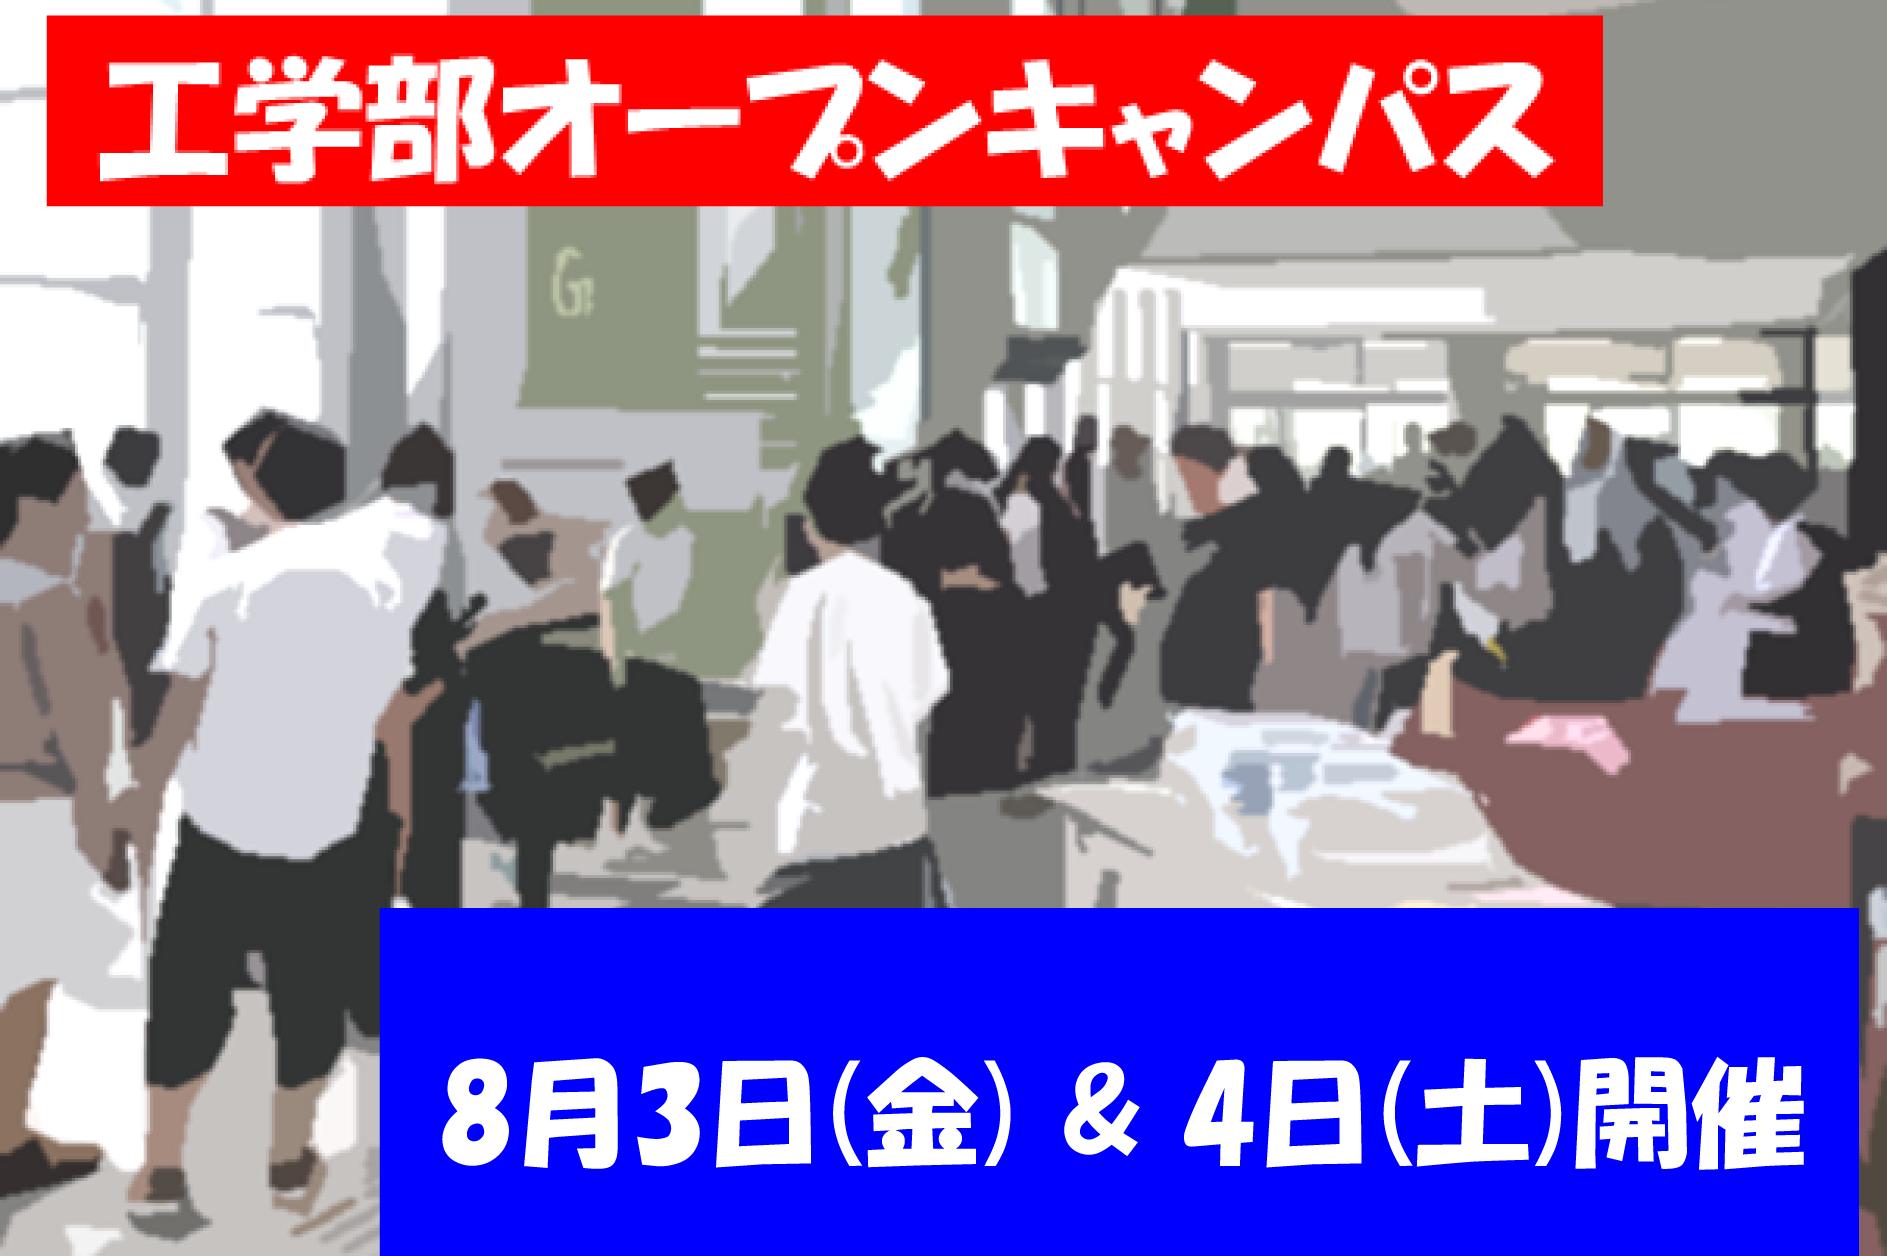 2018月年8月3日(金)および8月4日(土)に工学部オープンキャンパスを開催します